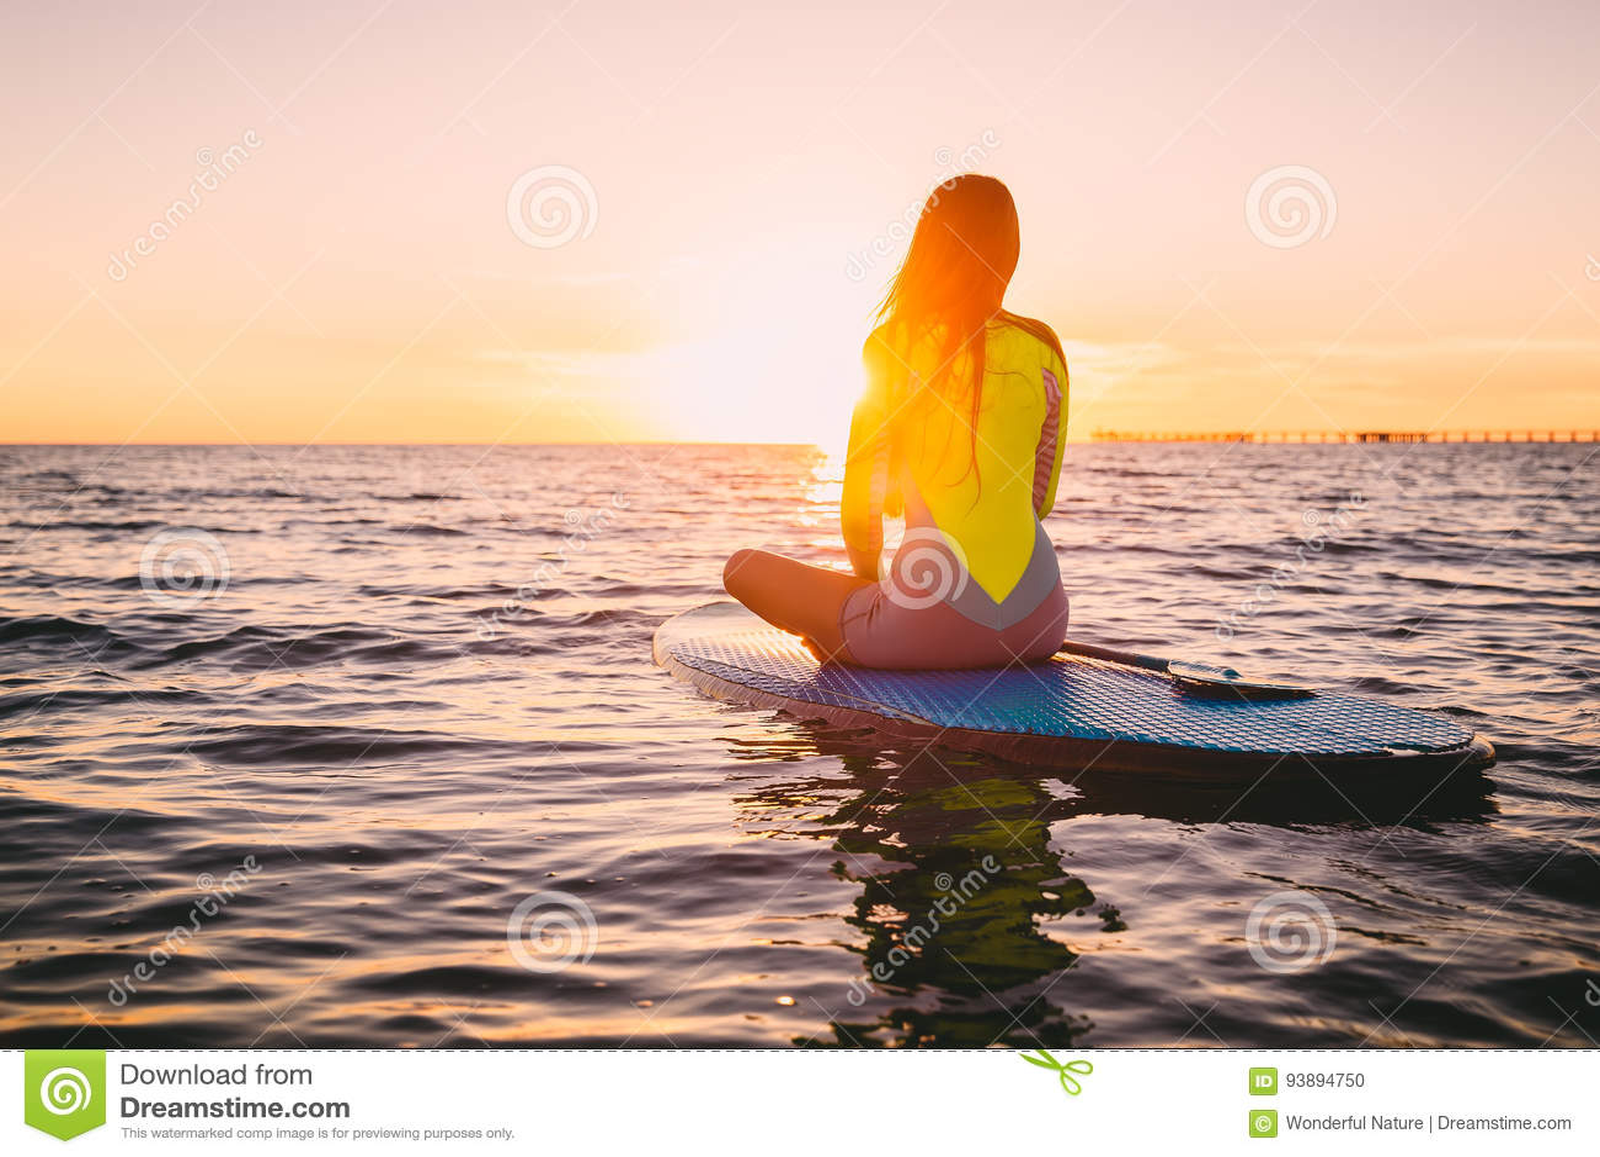 Levántese el embarque de la paleta en un mar reservado con colores calientes de la puesta del sol del verano Relajación en el océ